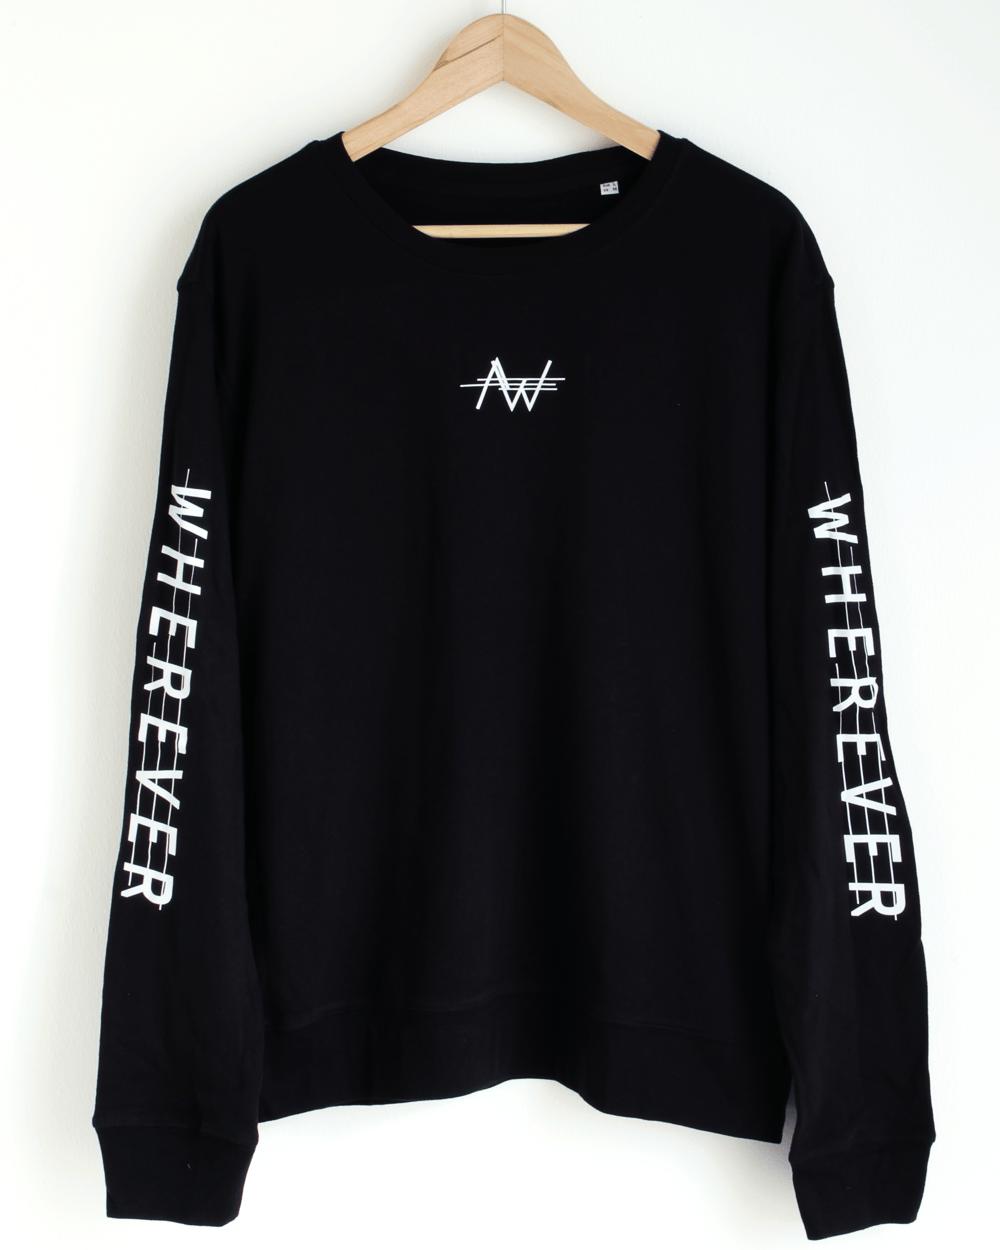 Wherever Sweatshirt